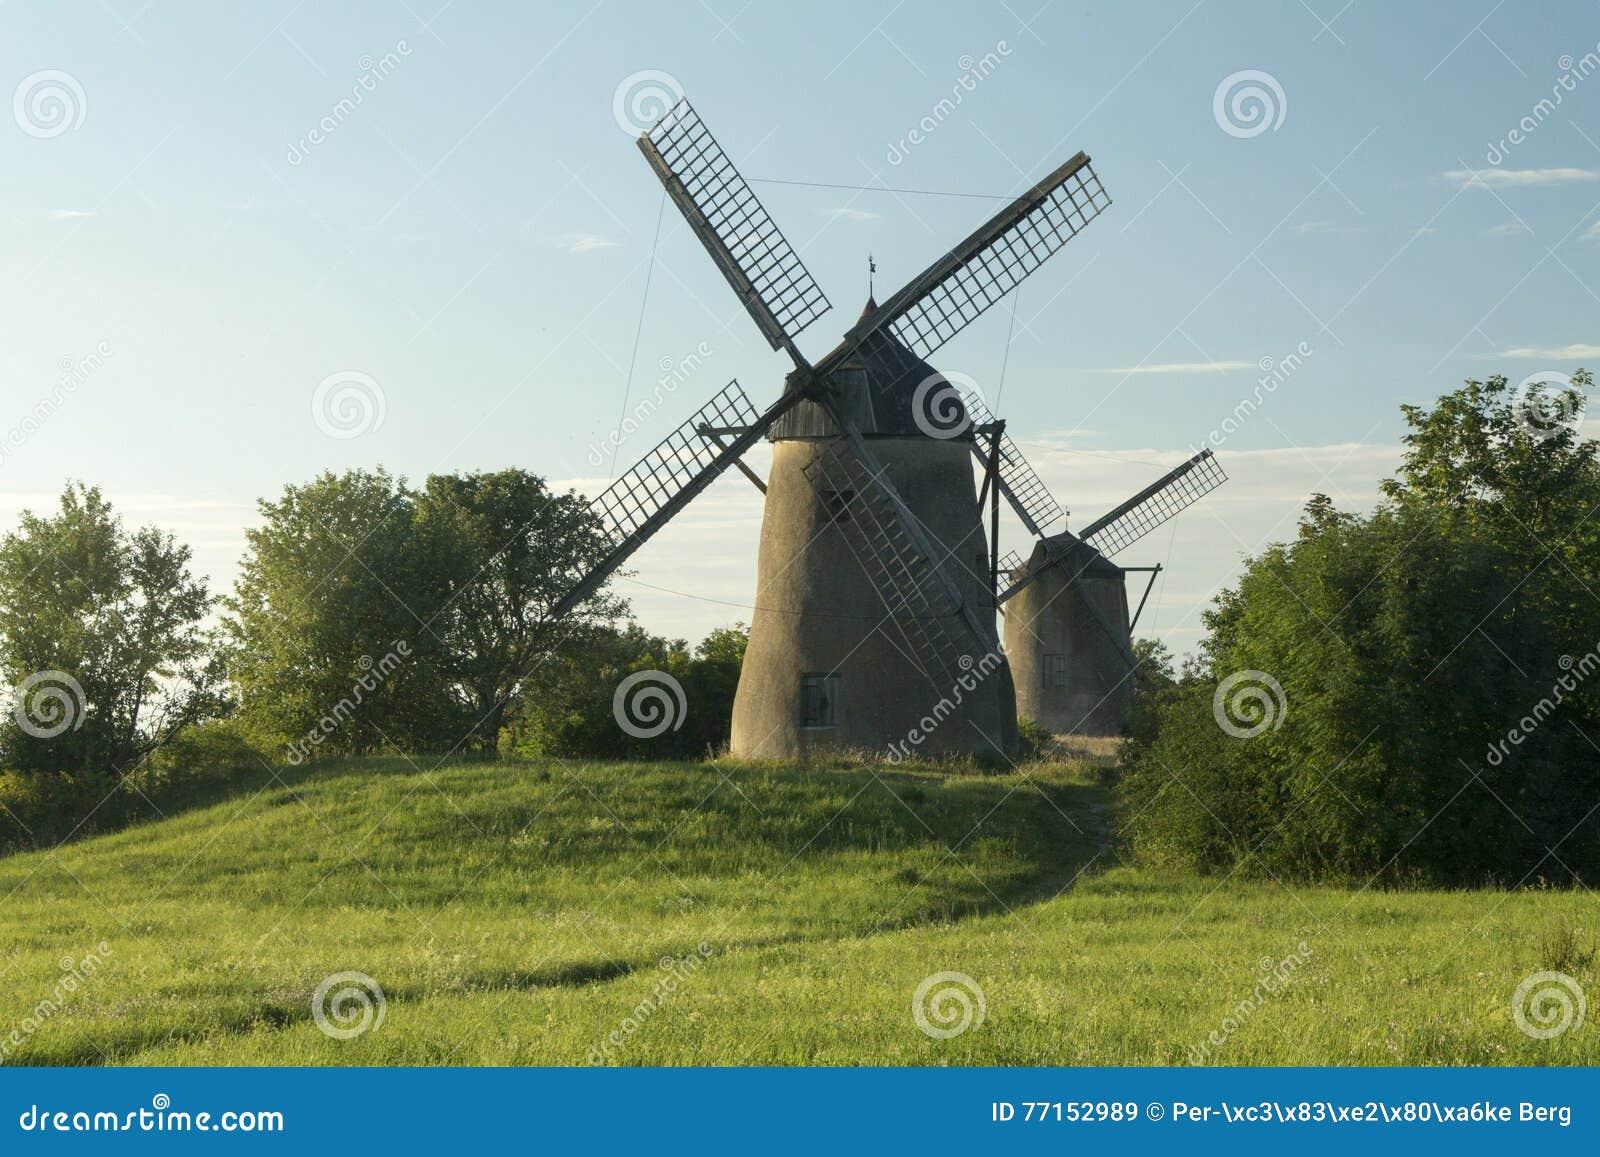 Deux moulins à vent dans un domaine